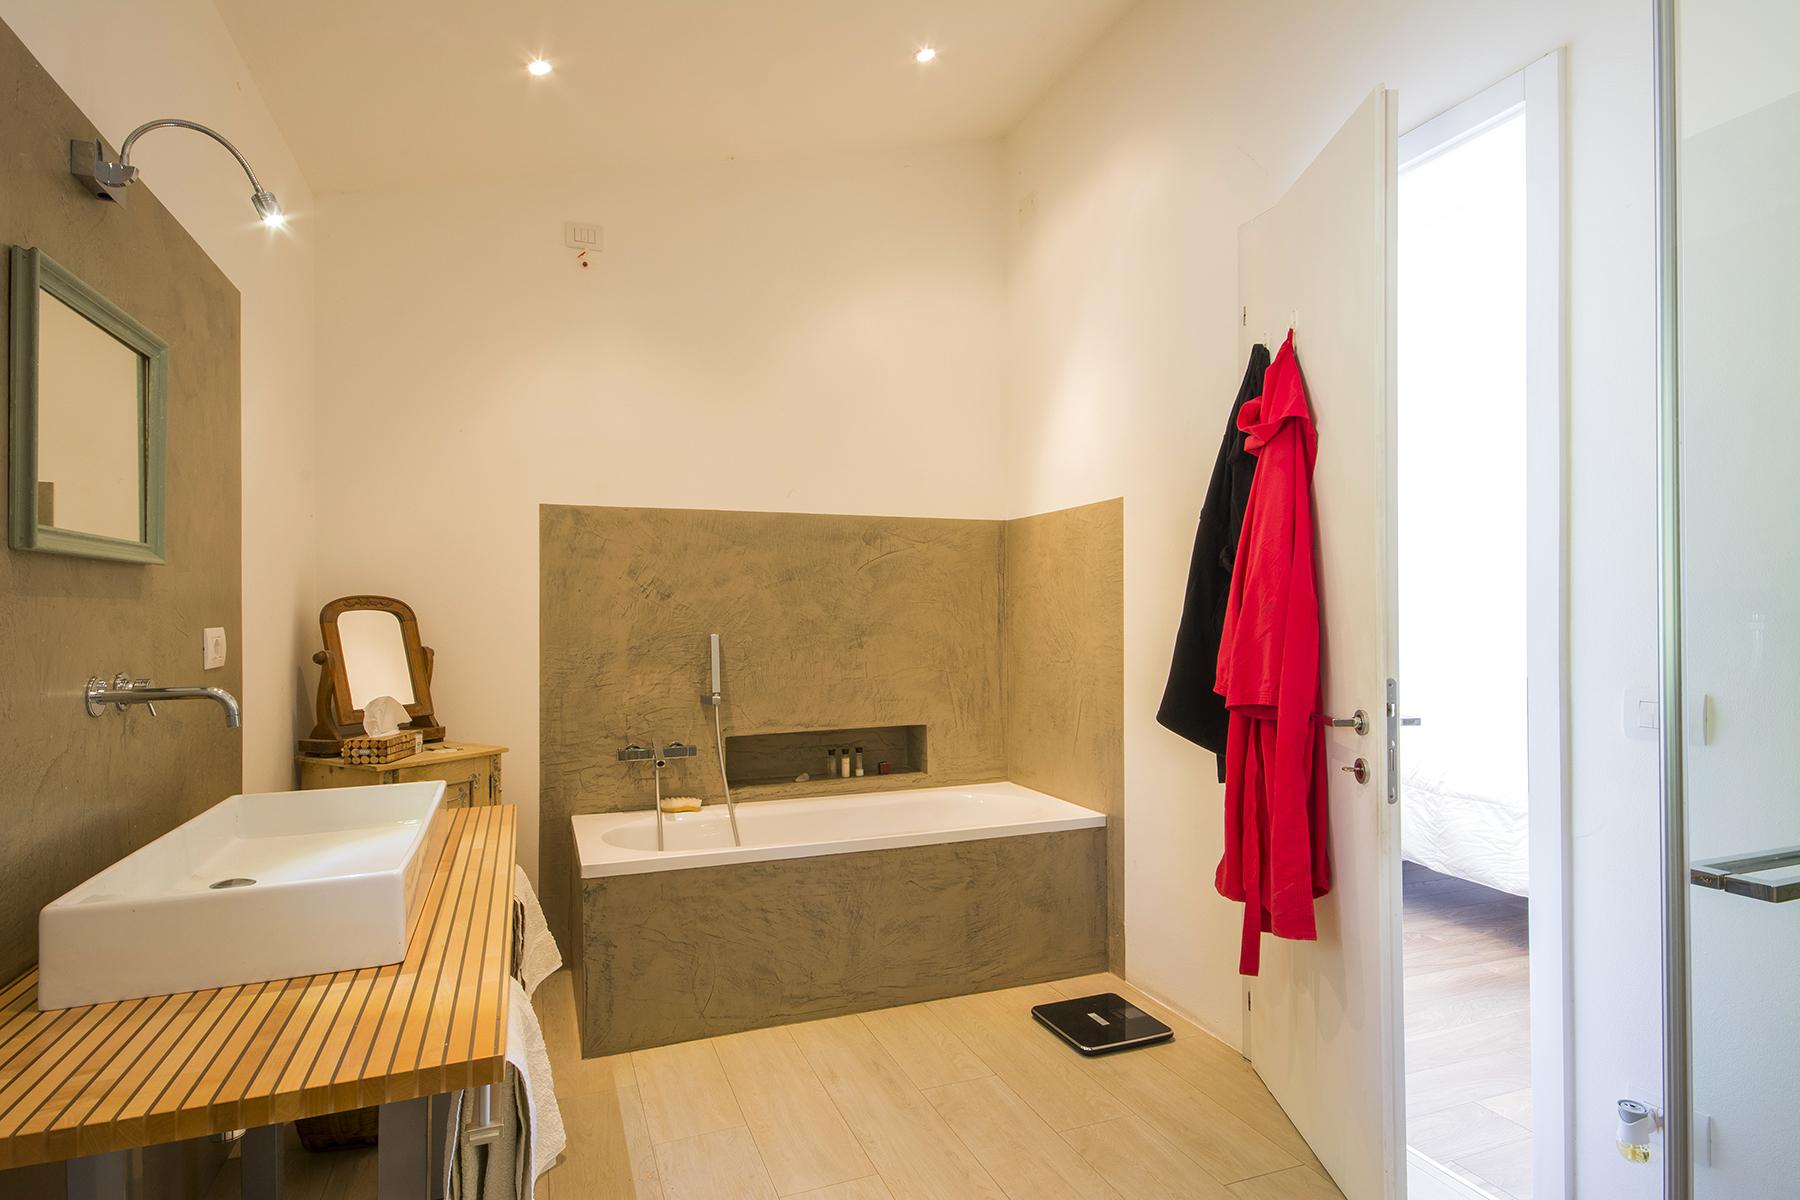 Casa indipendente in Vendita a Lisciano Niccone: 5 locali, 414 mq - Foto 23